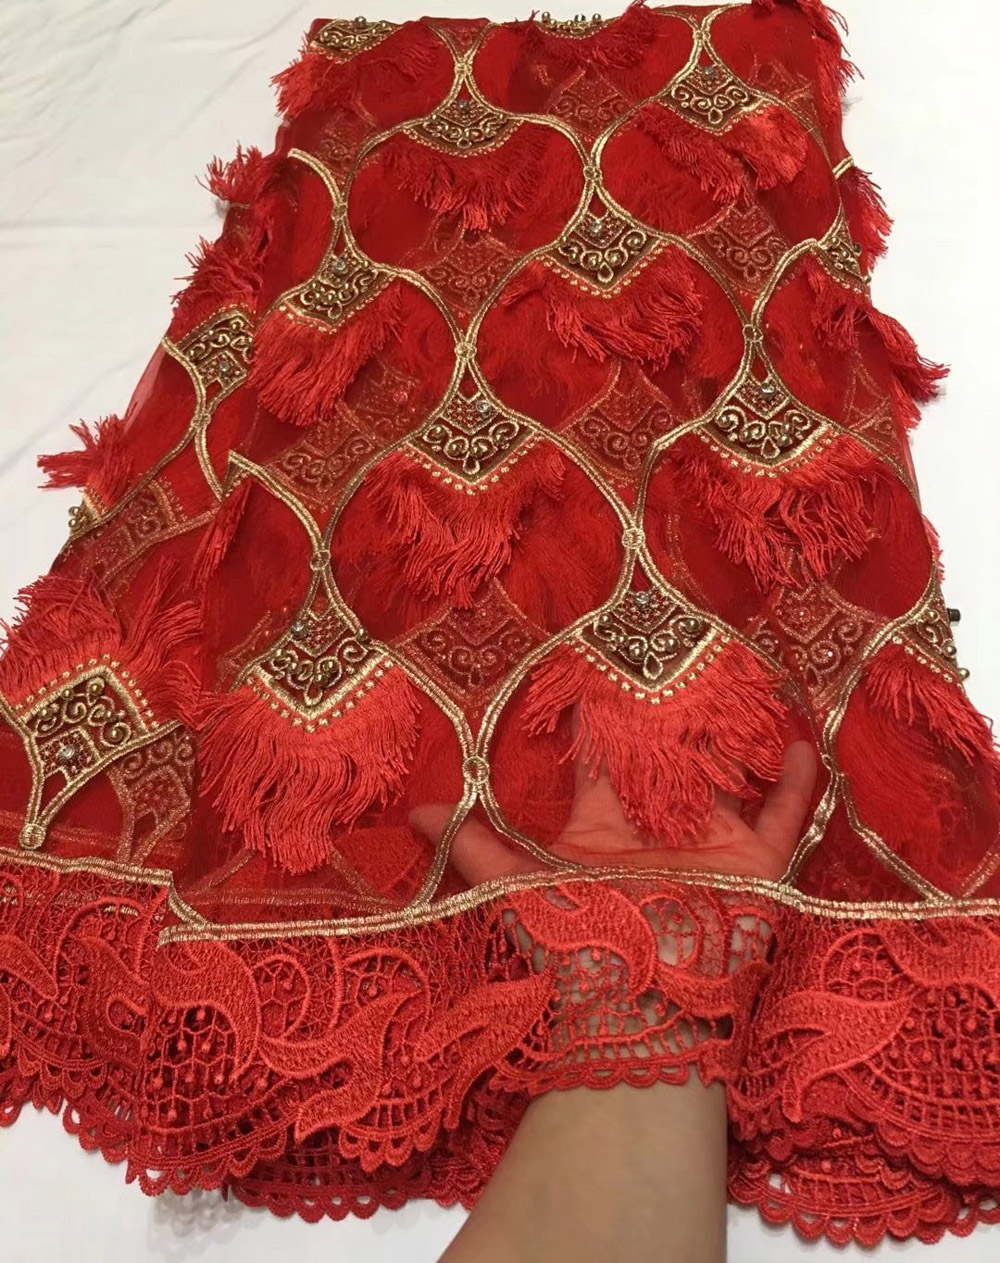 Czerwone koronki tkaniny tissus africains gipiury tiulu perlage wysokiej jakości nigeryjczyk zroszony koronki tkaniny koronki netto 2018 5 stoczni/ wiele 5807  w Koronka od Dom i ogród na  Grupa 1